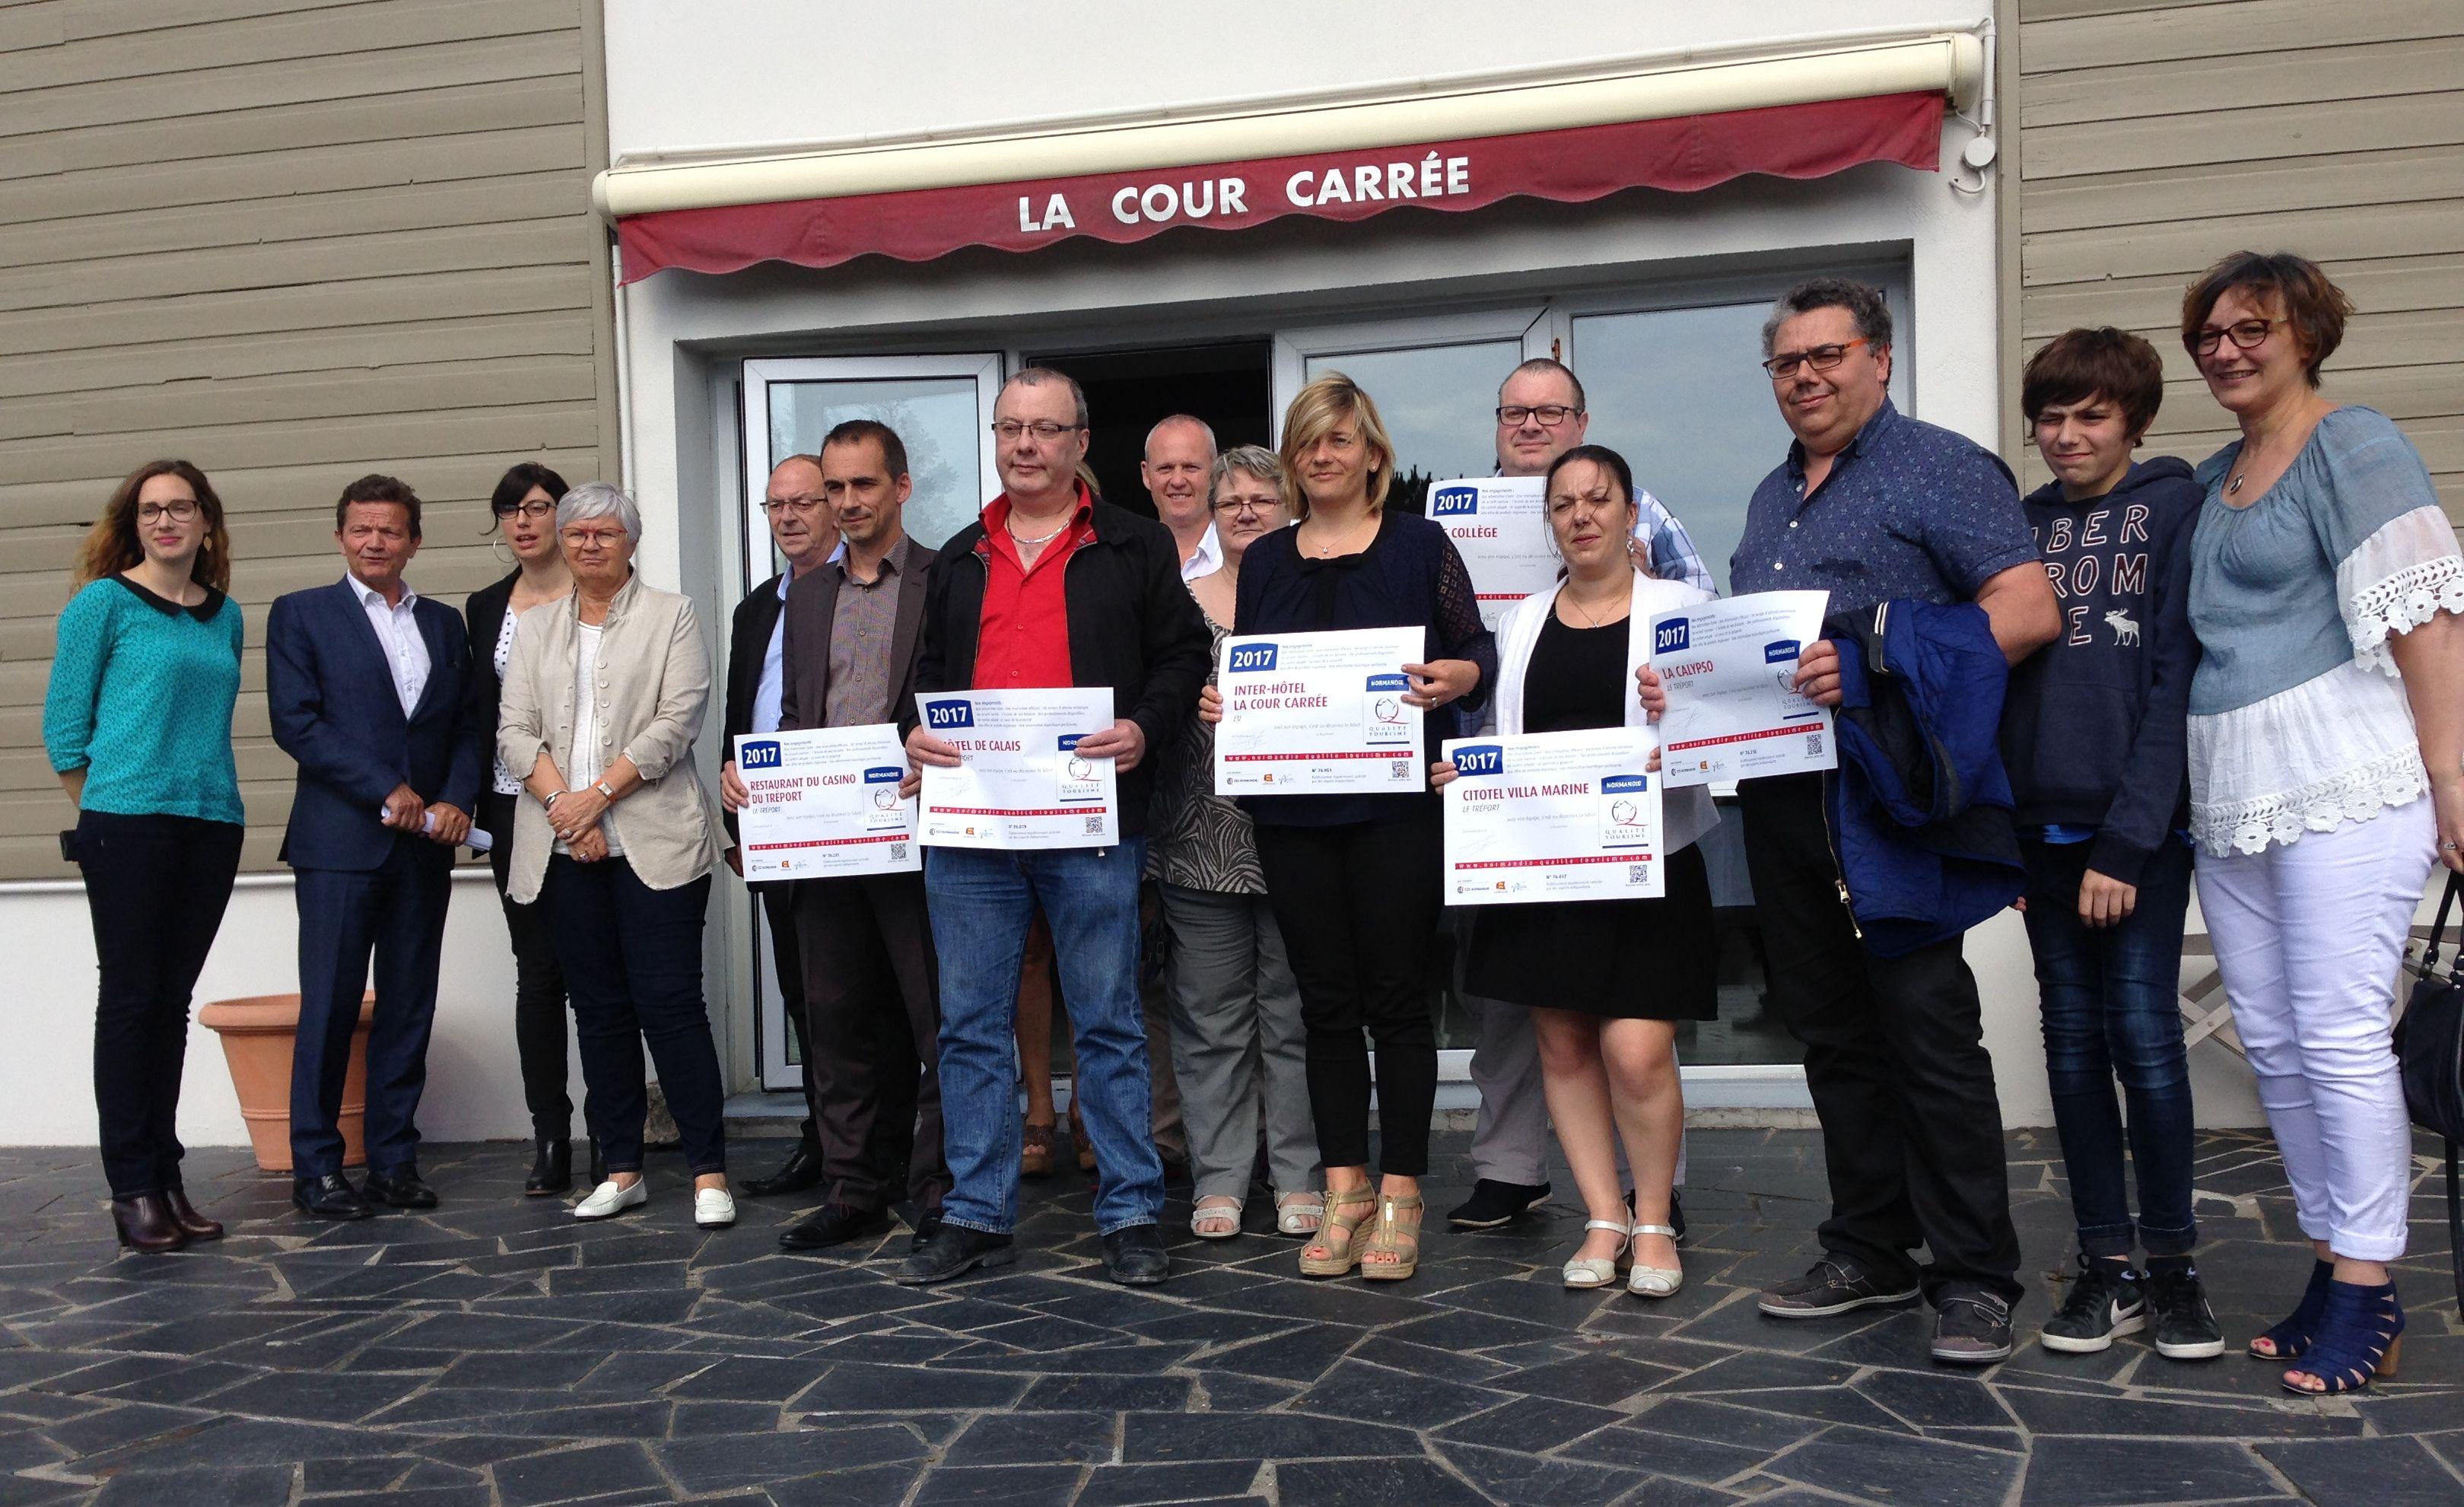 17_06_07_Normandie qualité tourisme-groupe